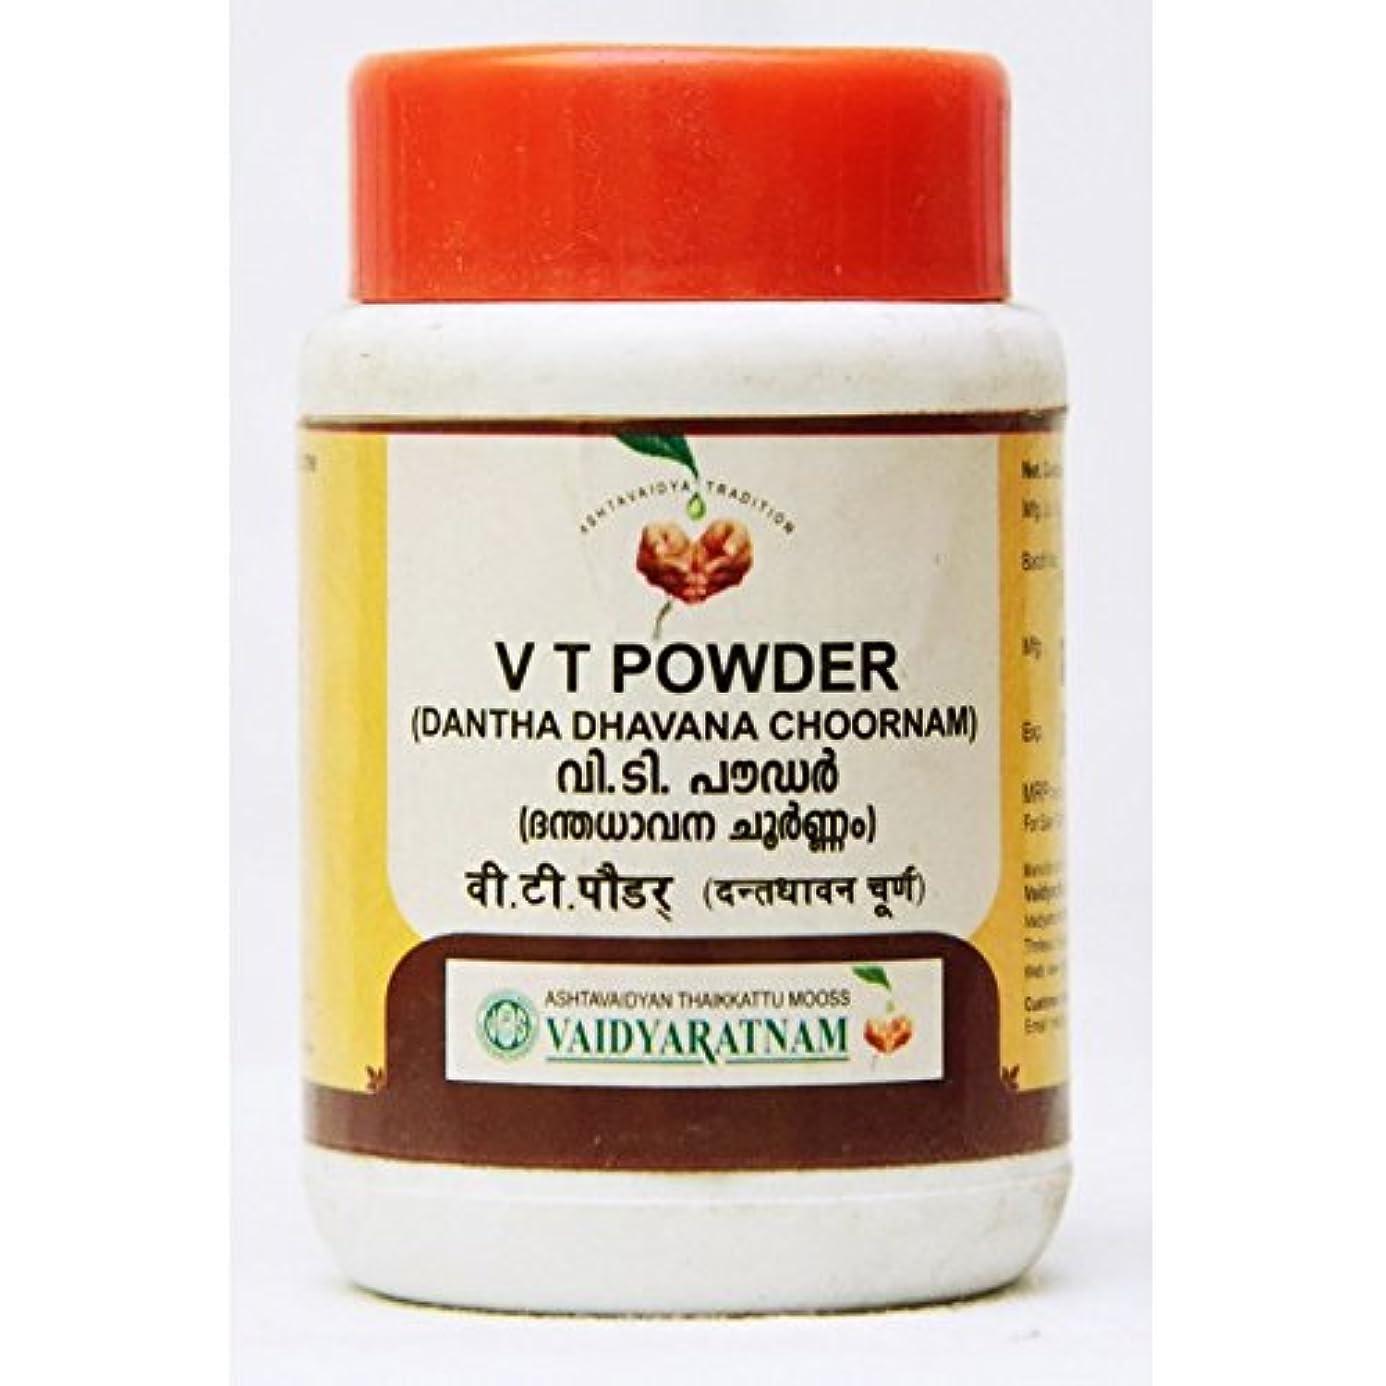 ブランチスモッグ小道具Ayurvedic Vaidyaratnam Tooth Powder ( V T Powder )